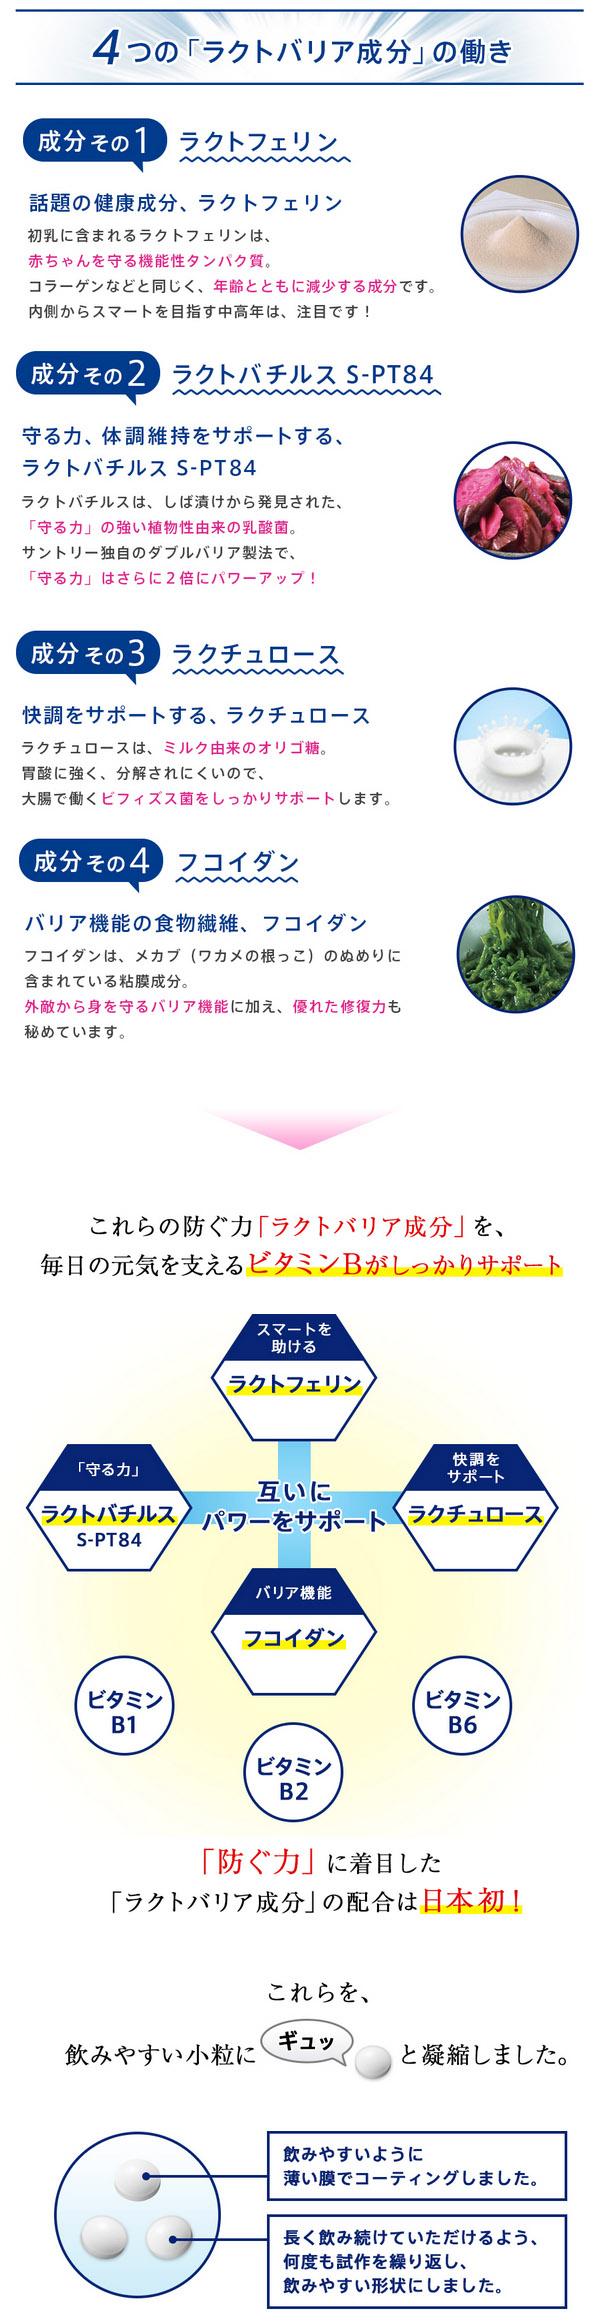 4つのラクトバリア成分の働き